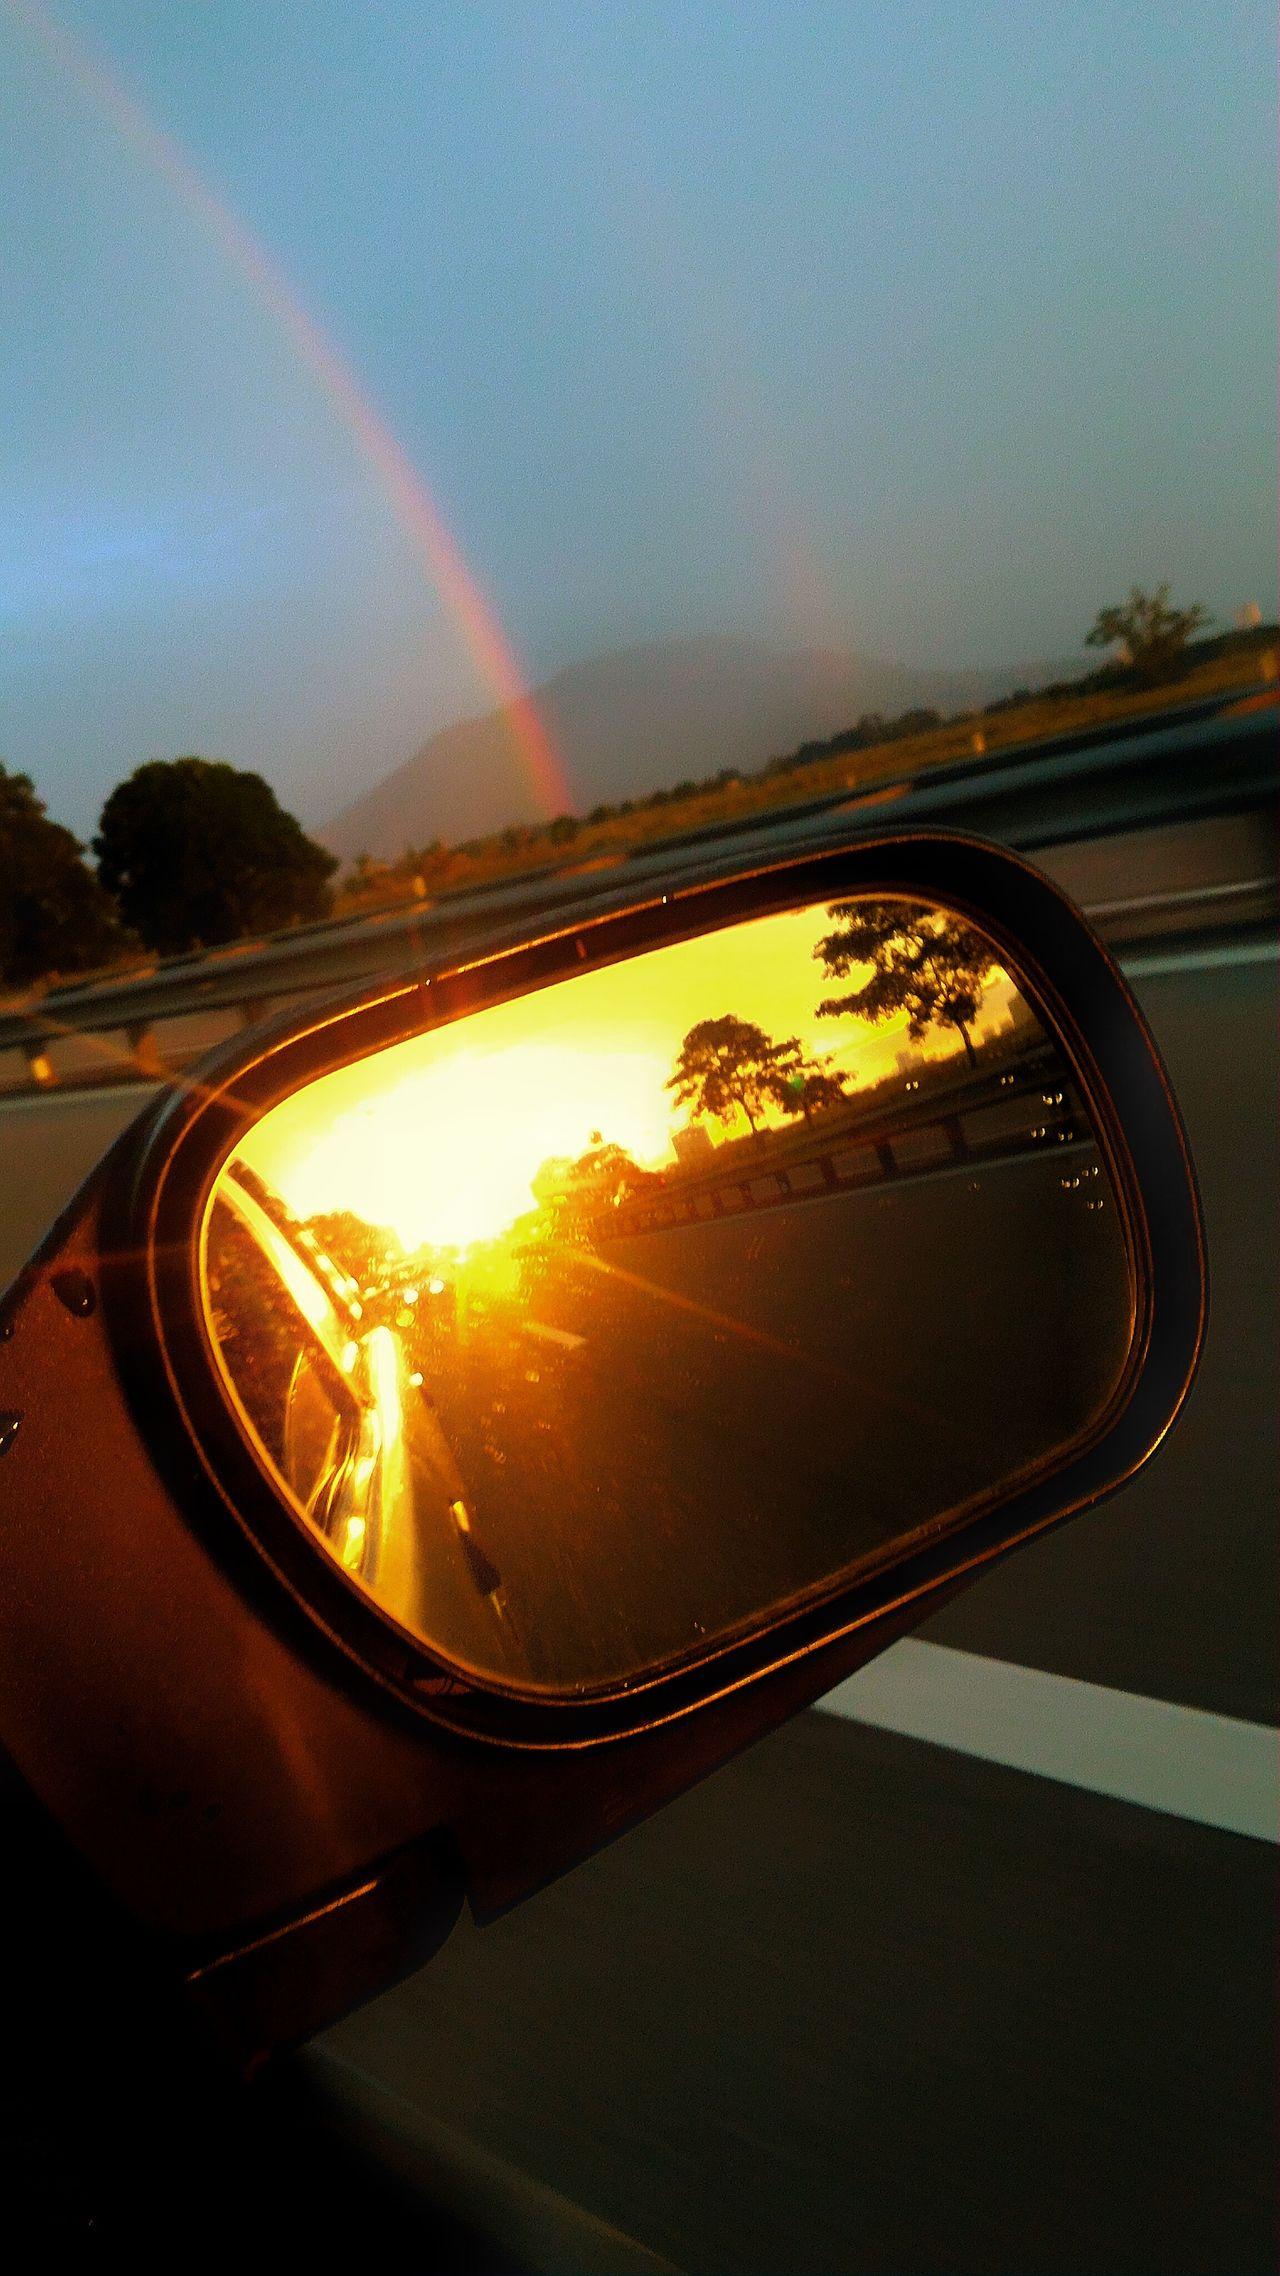 Enjoying The Sunset Rainbow